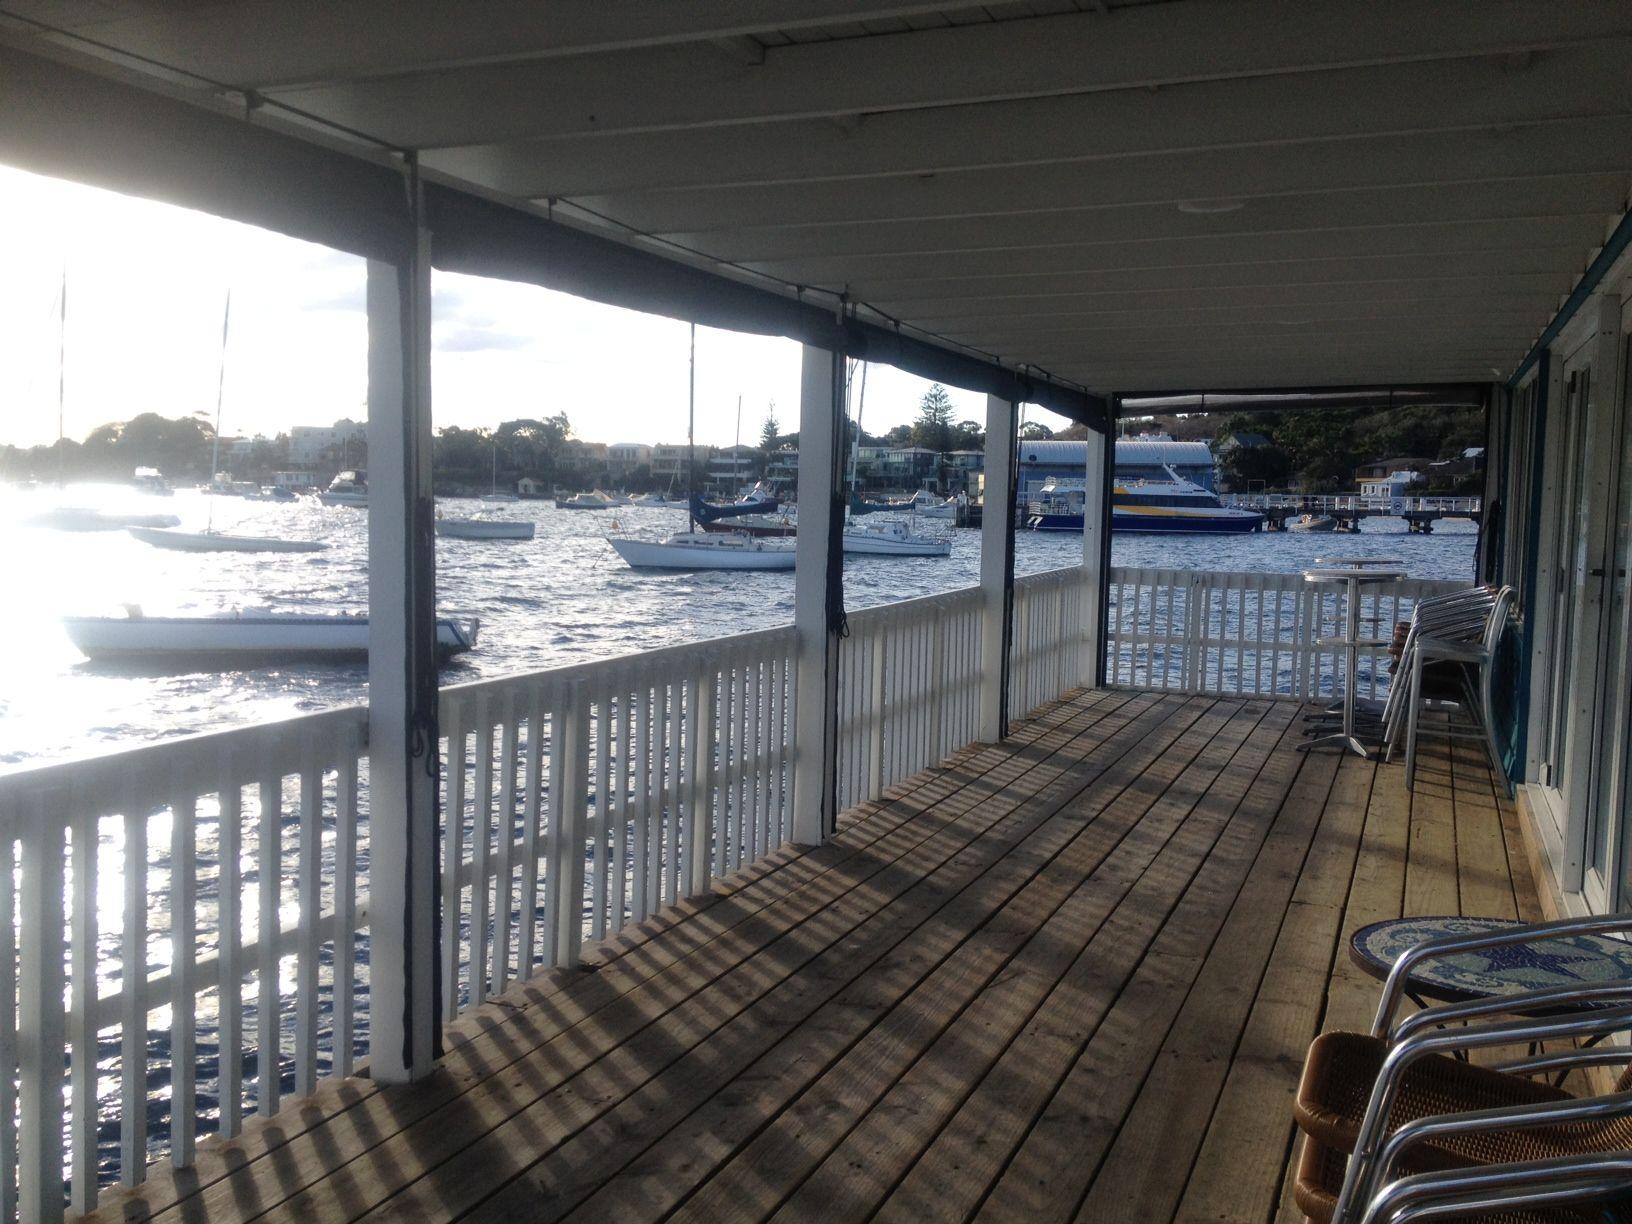 vaucluse yacht club